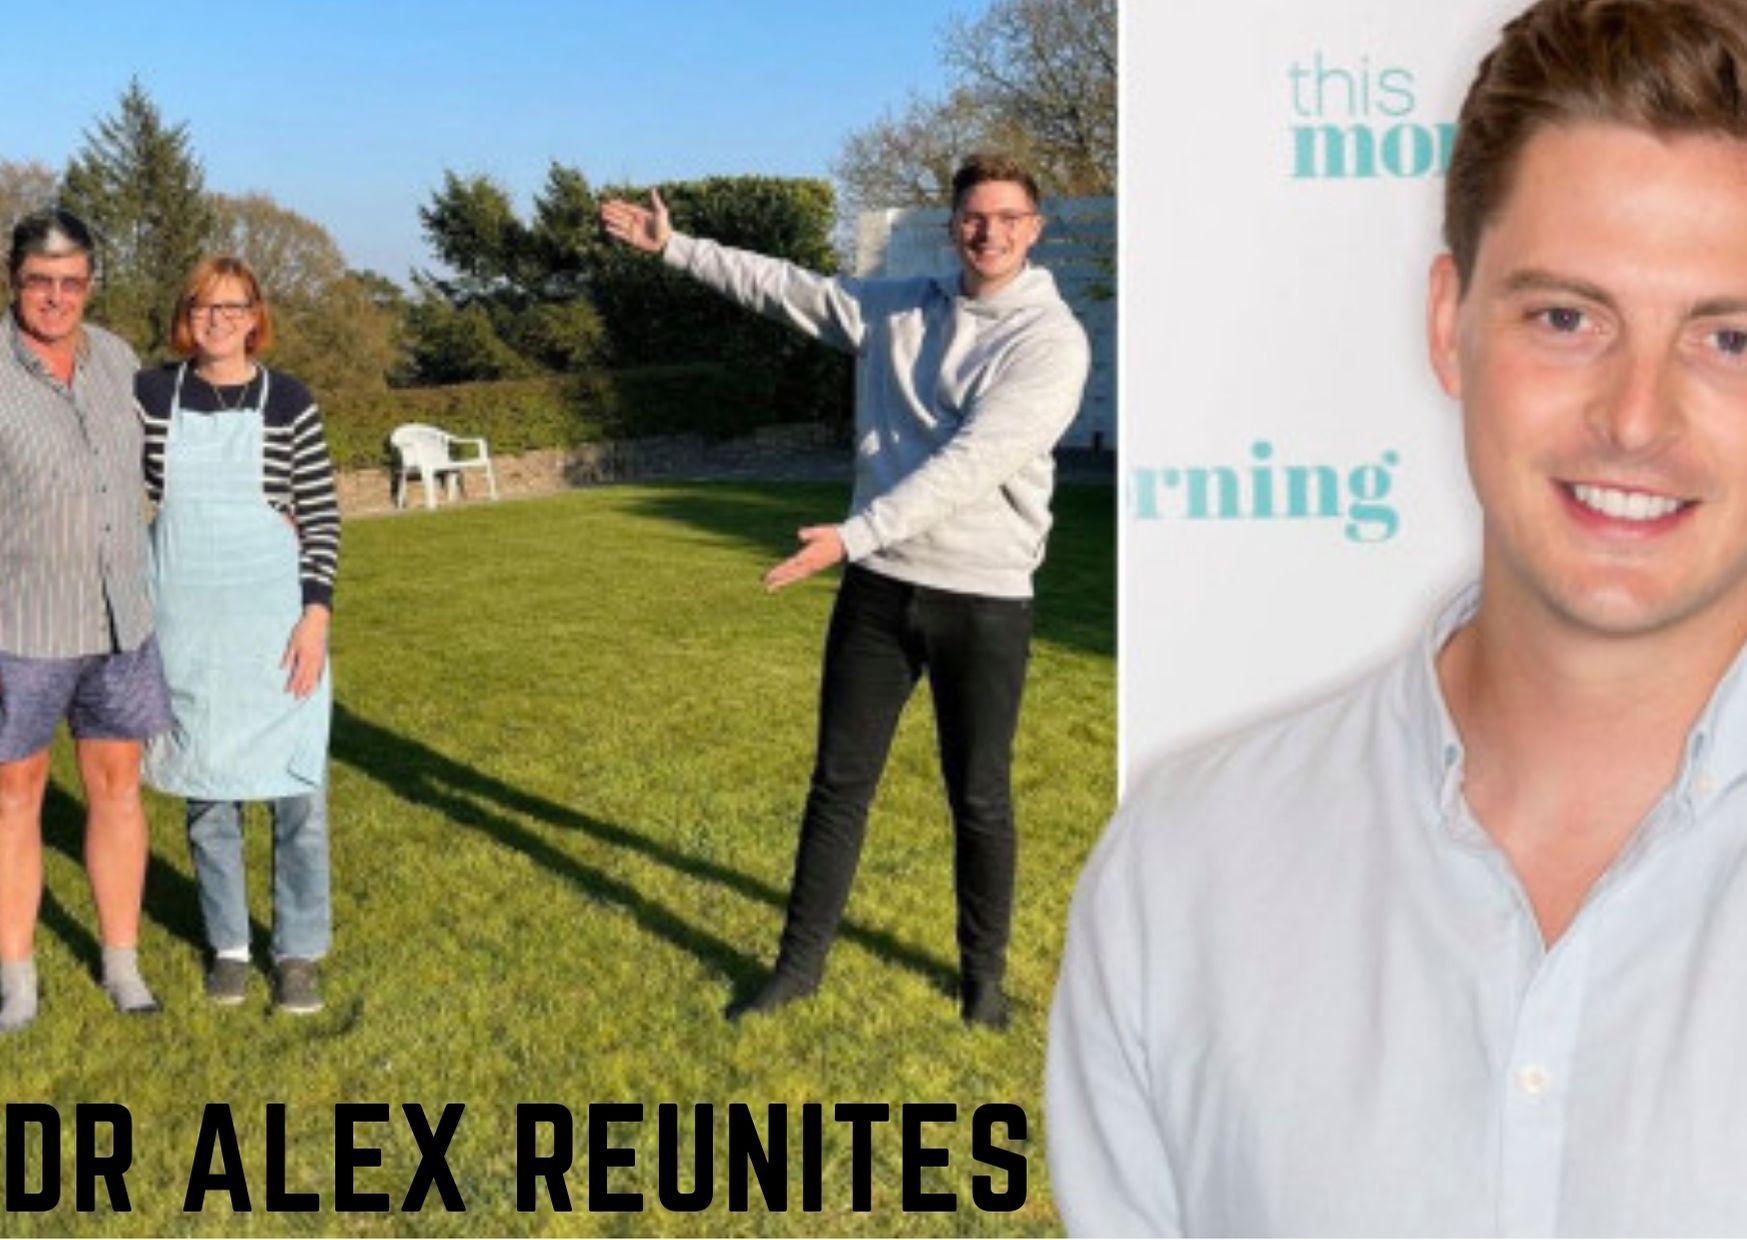 Dr Alex George Reunites with his parents